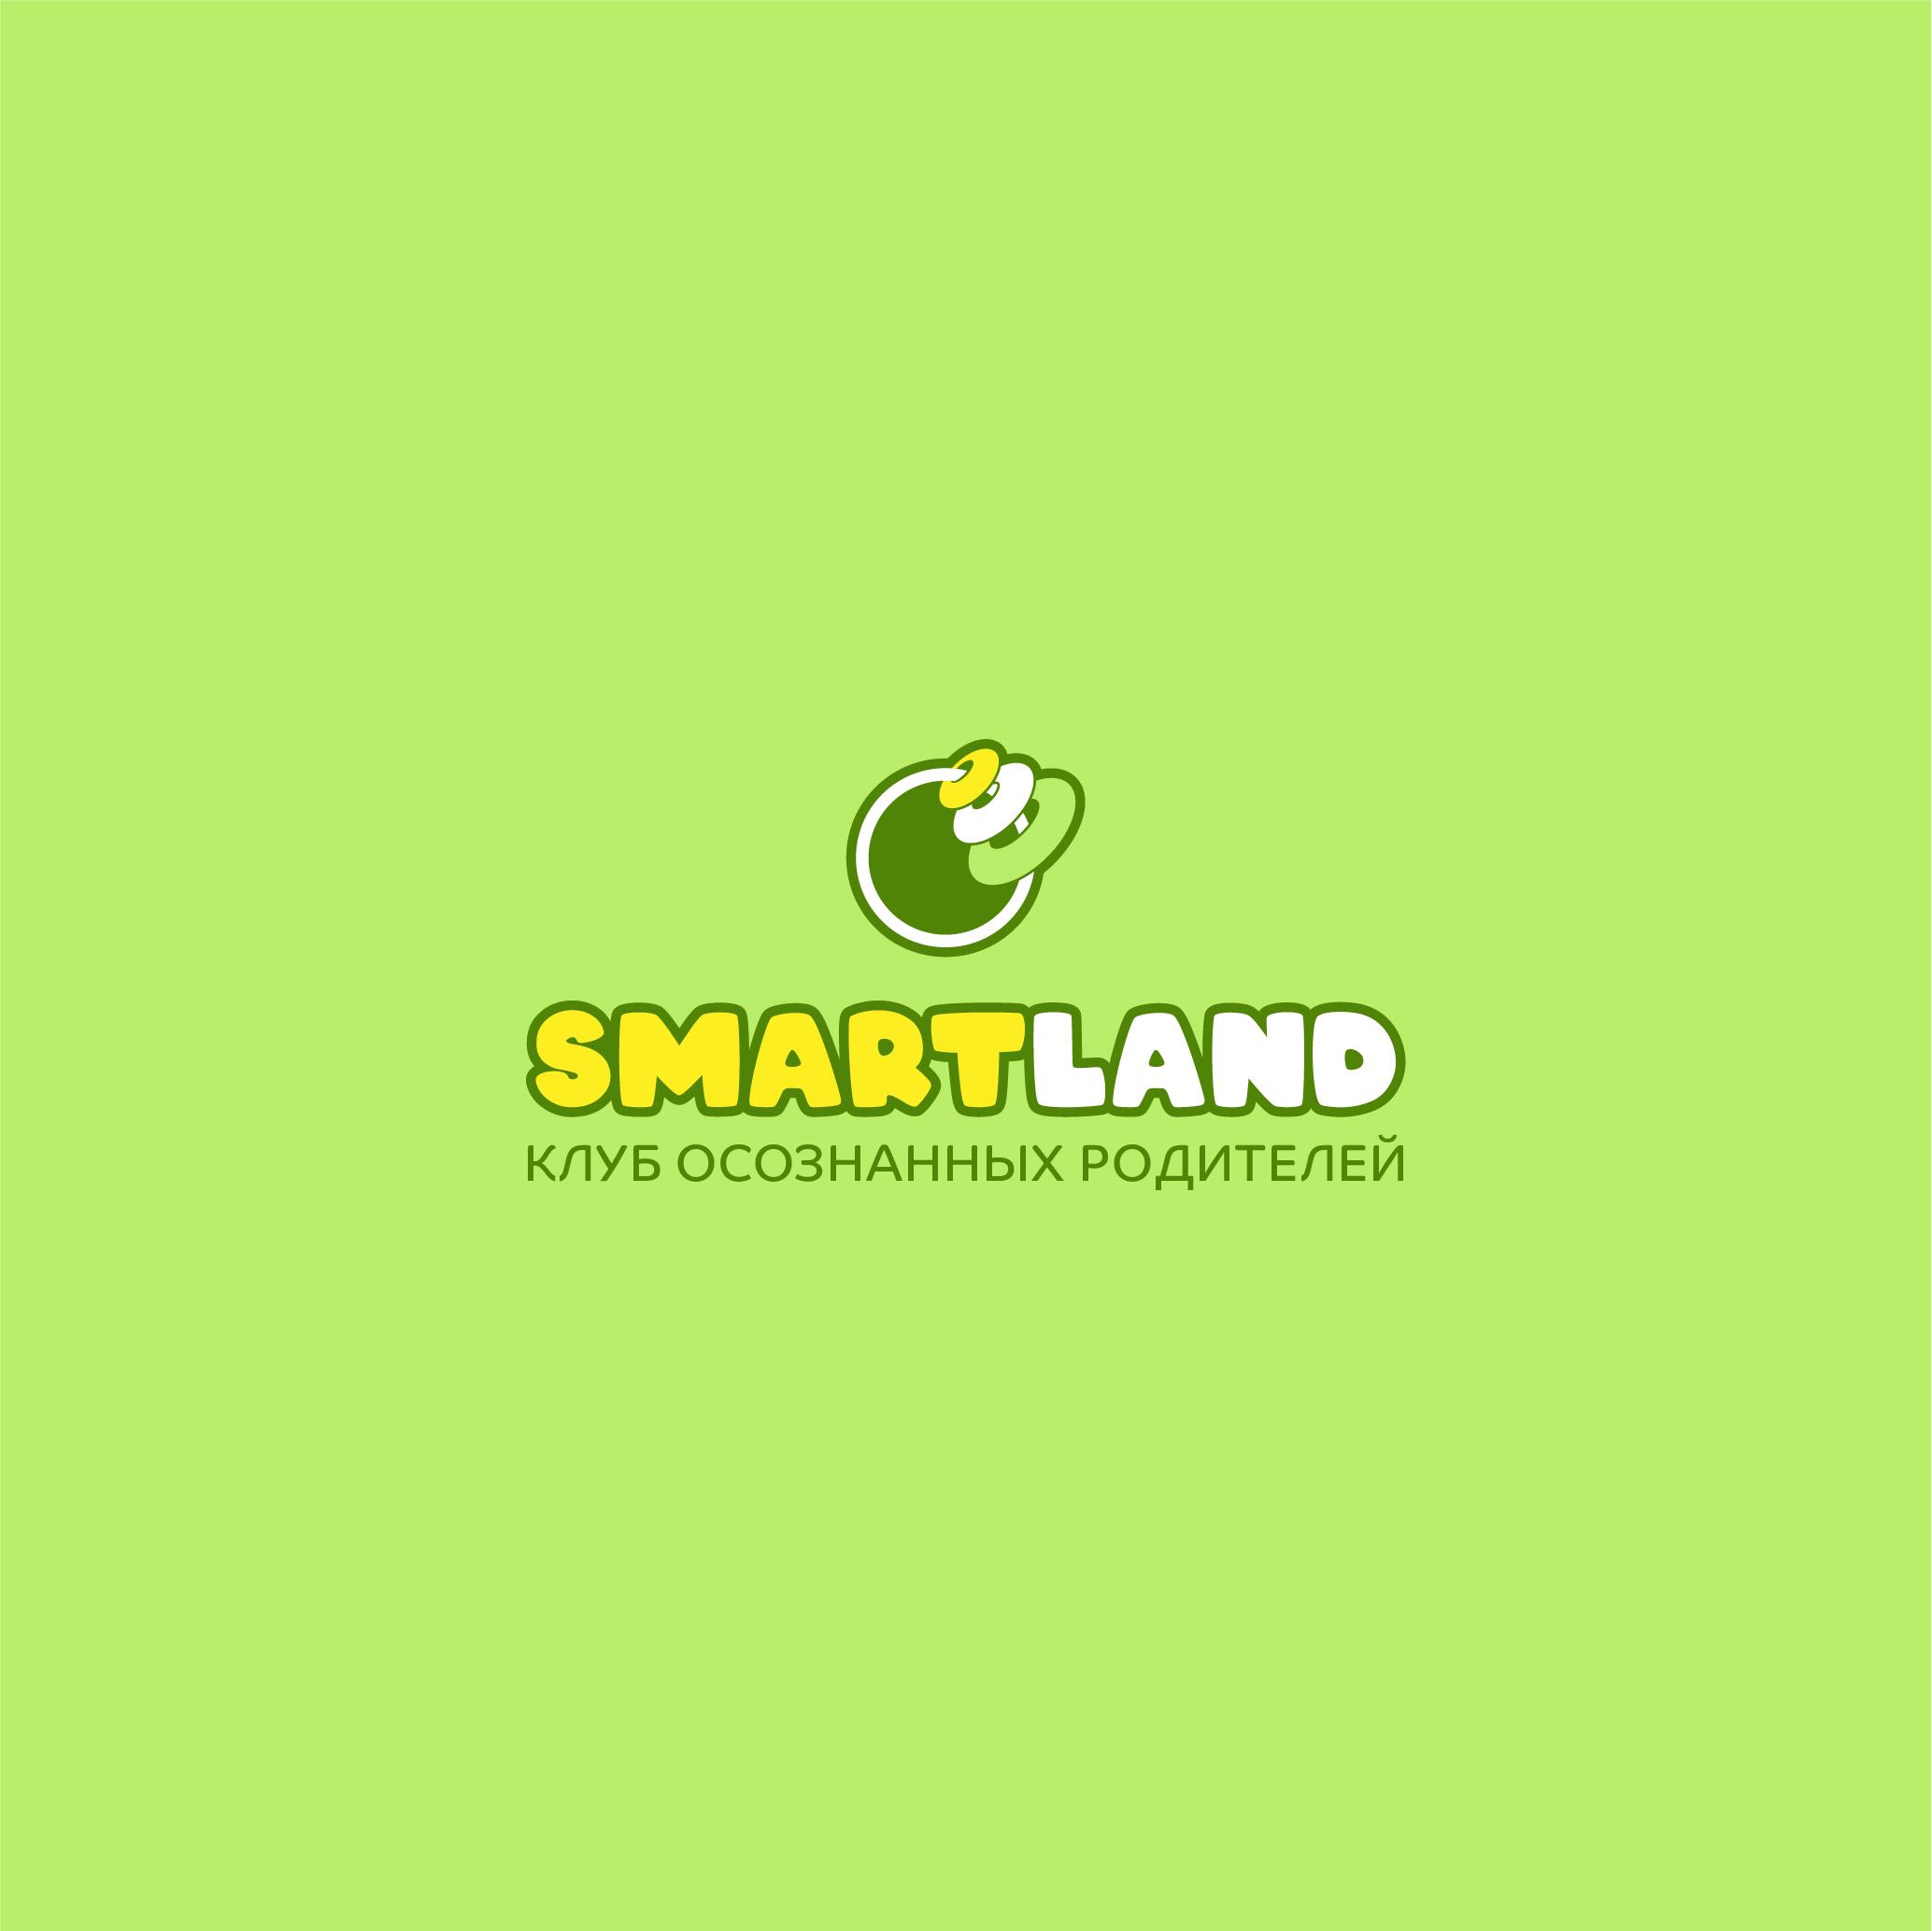 Разработать логотип для детской образовательной платформы фото f_7586079ff89c0680.jpg